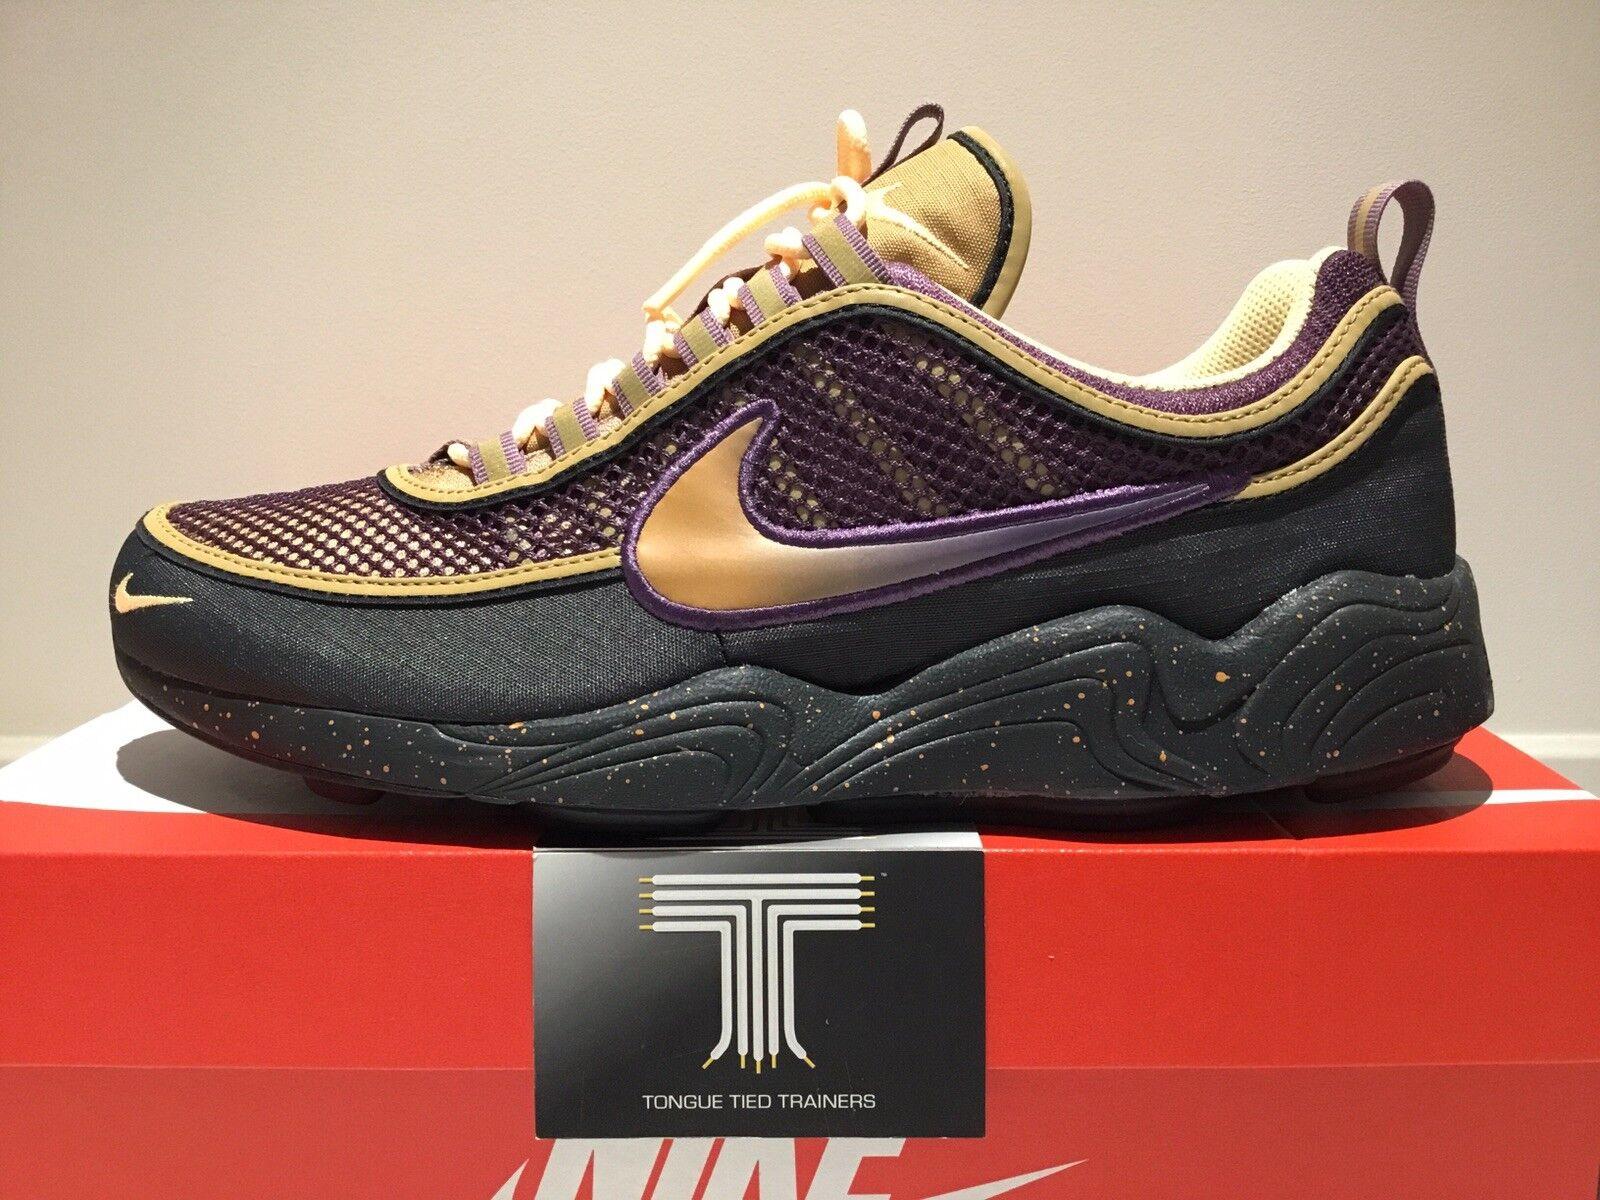 Nike Air Zoom Spiridon  926955 005  Royaume-Uni Taille 11.5